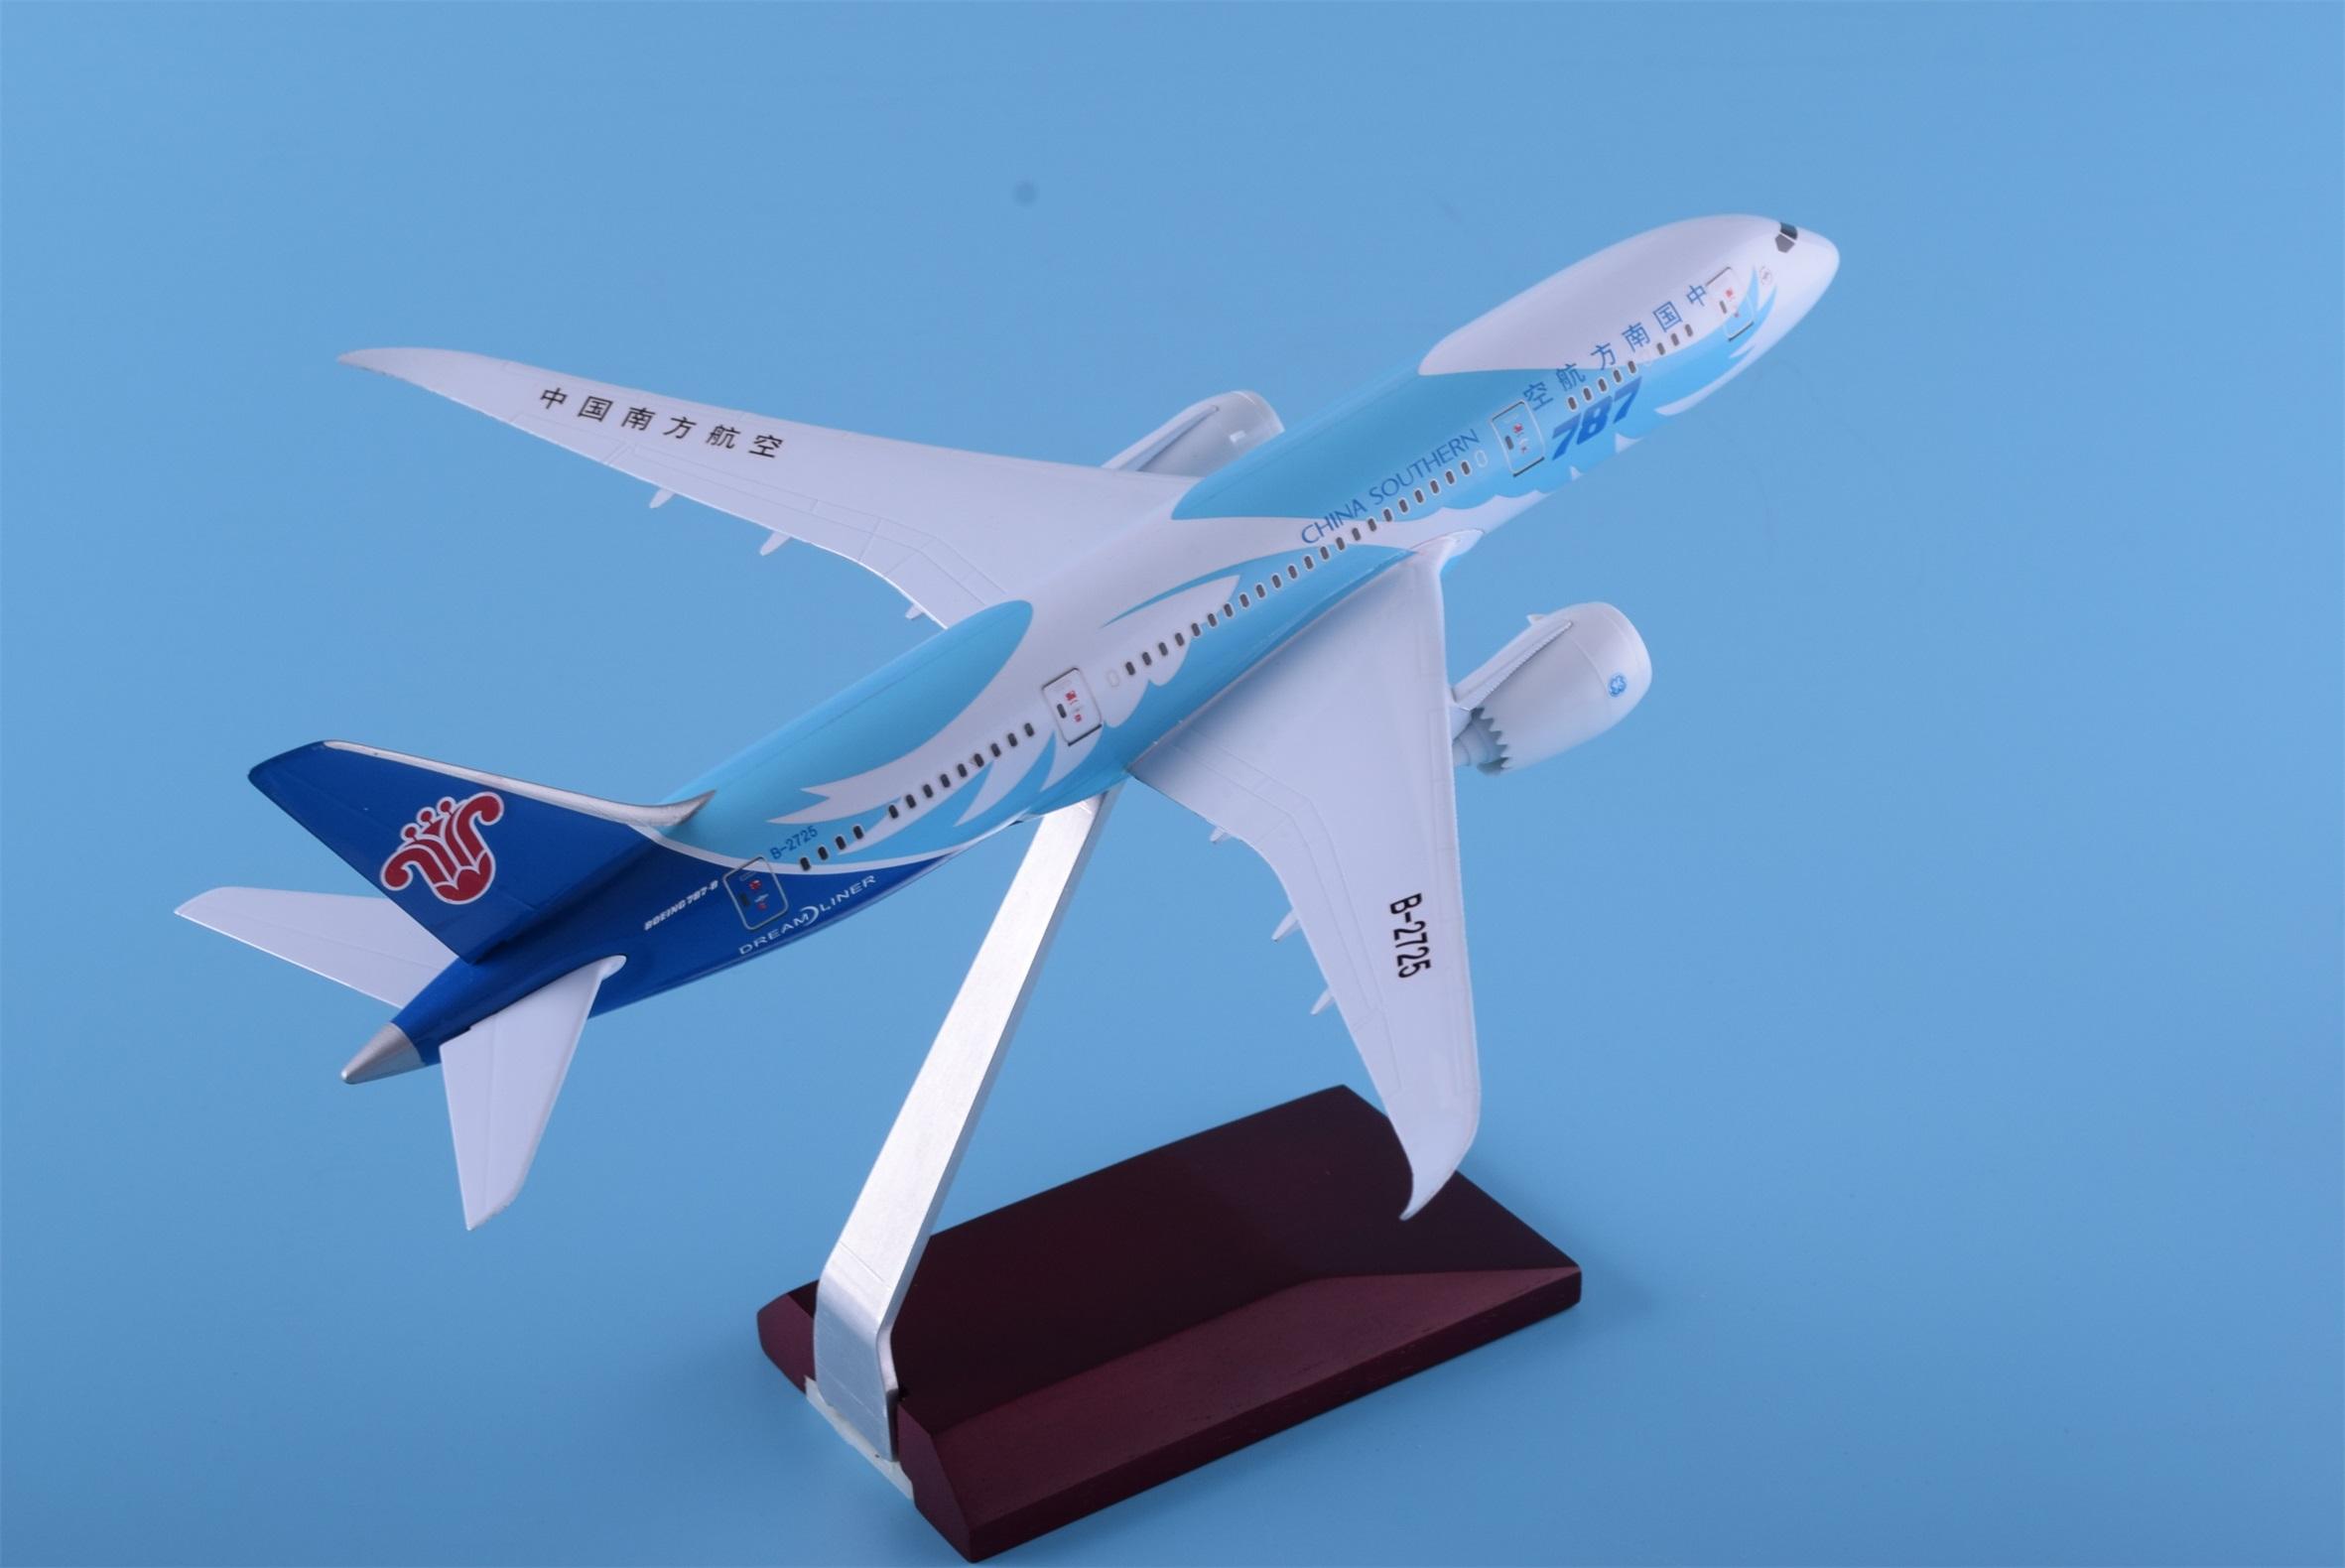 金属飞机模型 波音 B787 中国南方航空 1:300